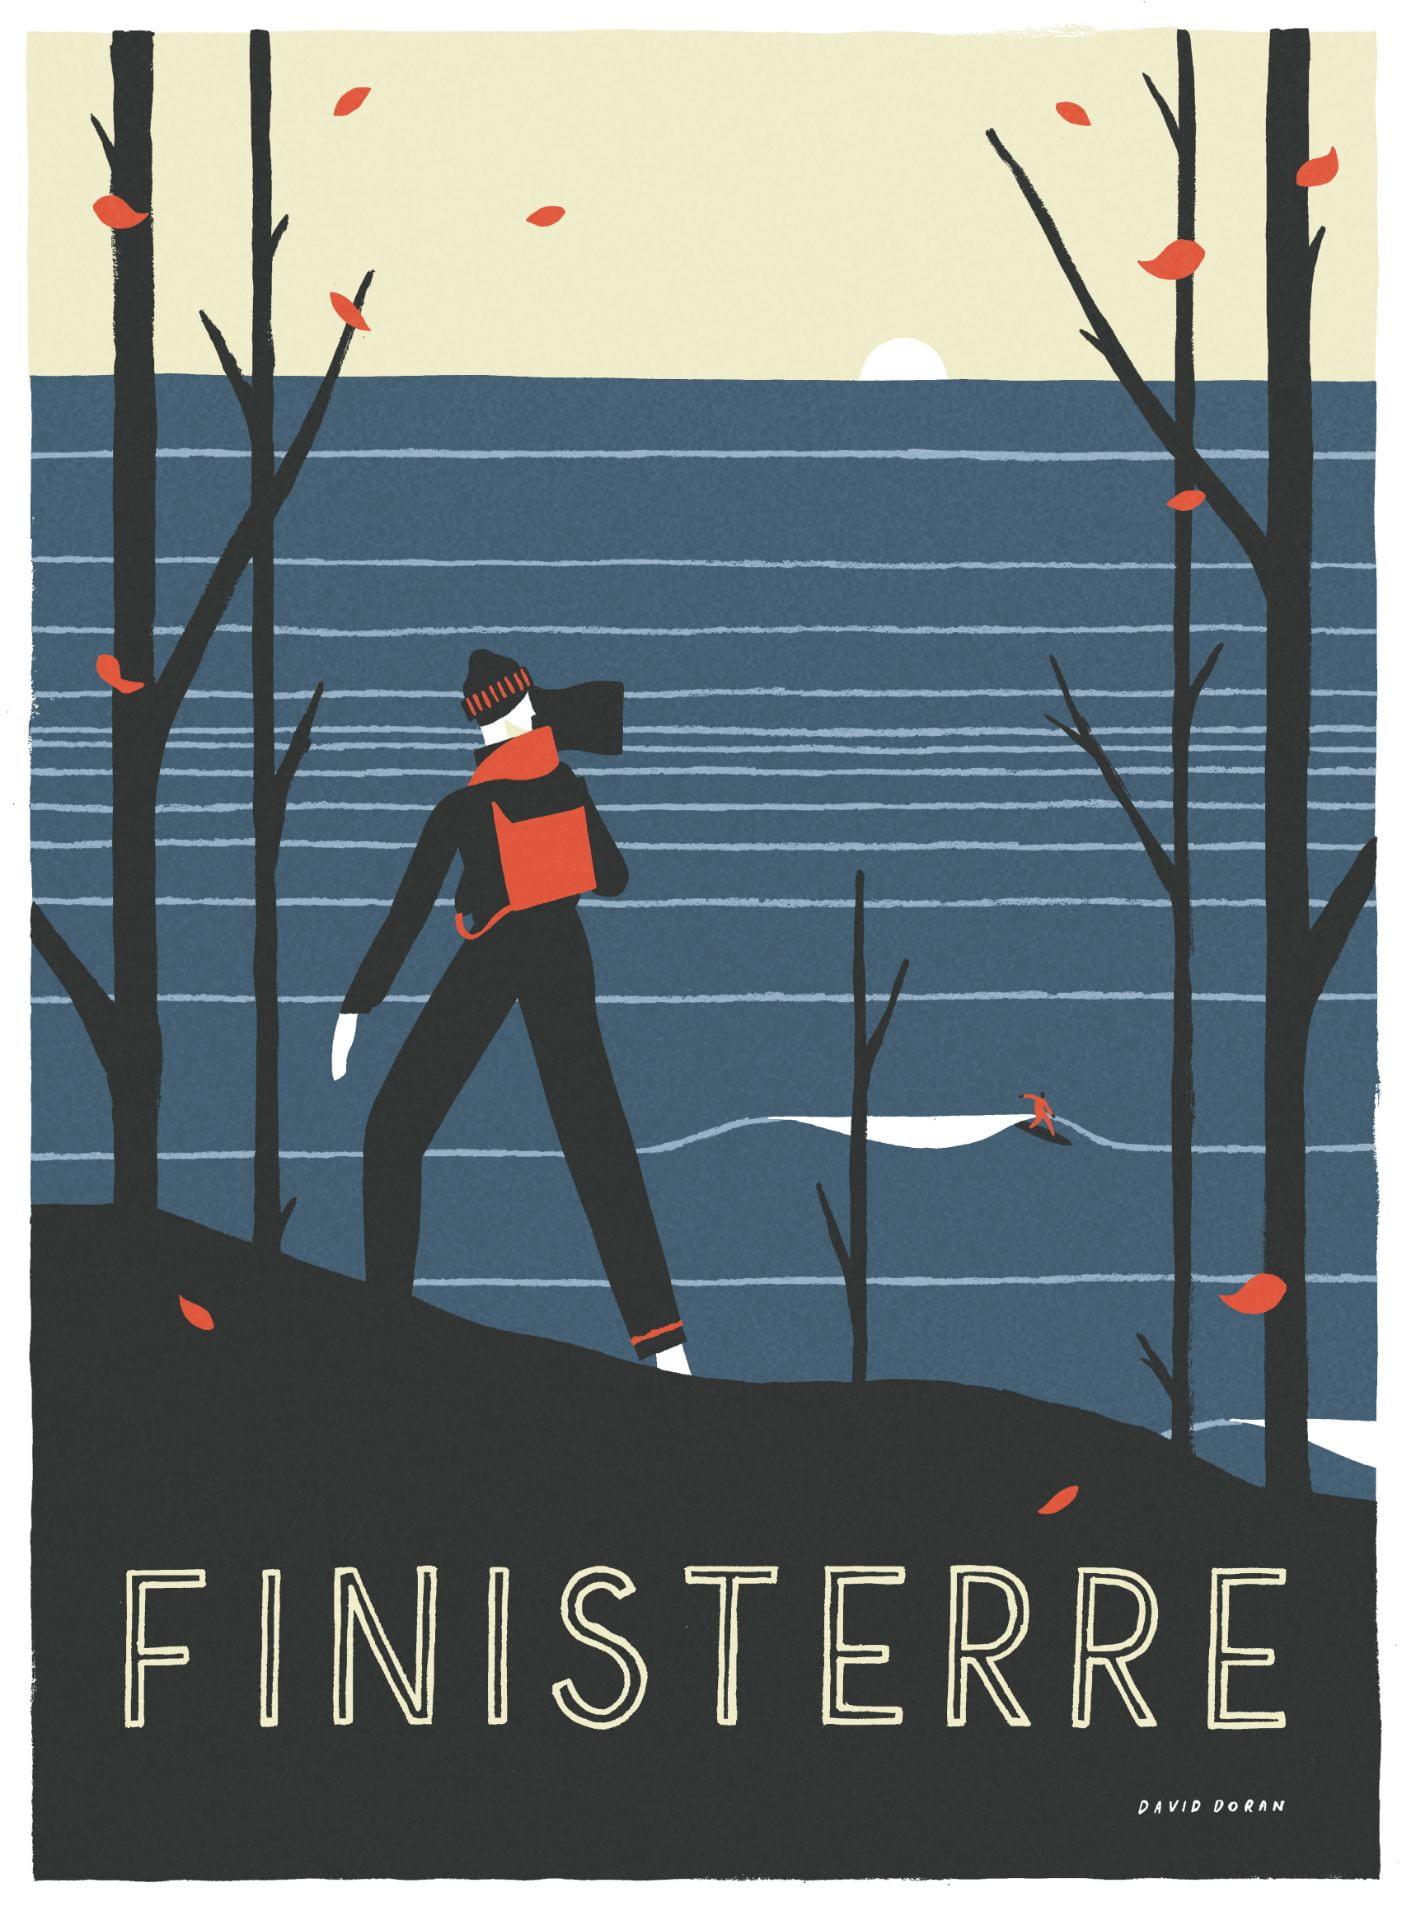 'Finisterre' Campaign Illustration